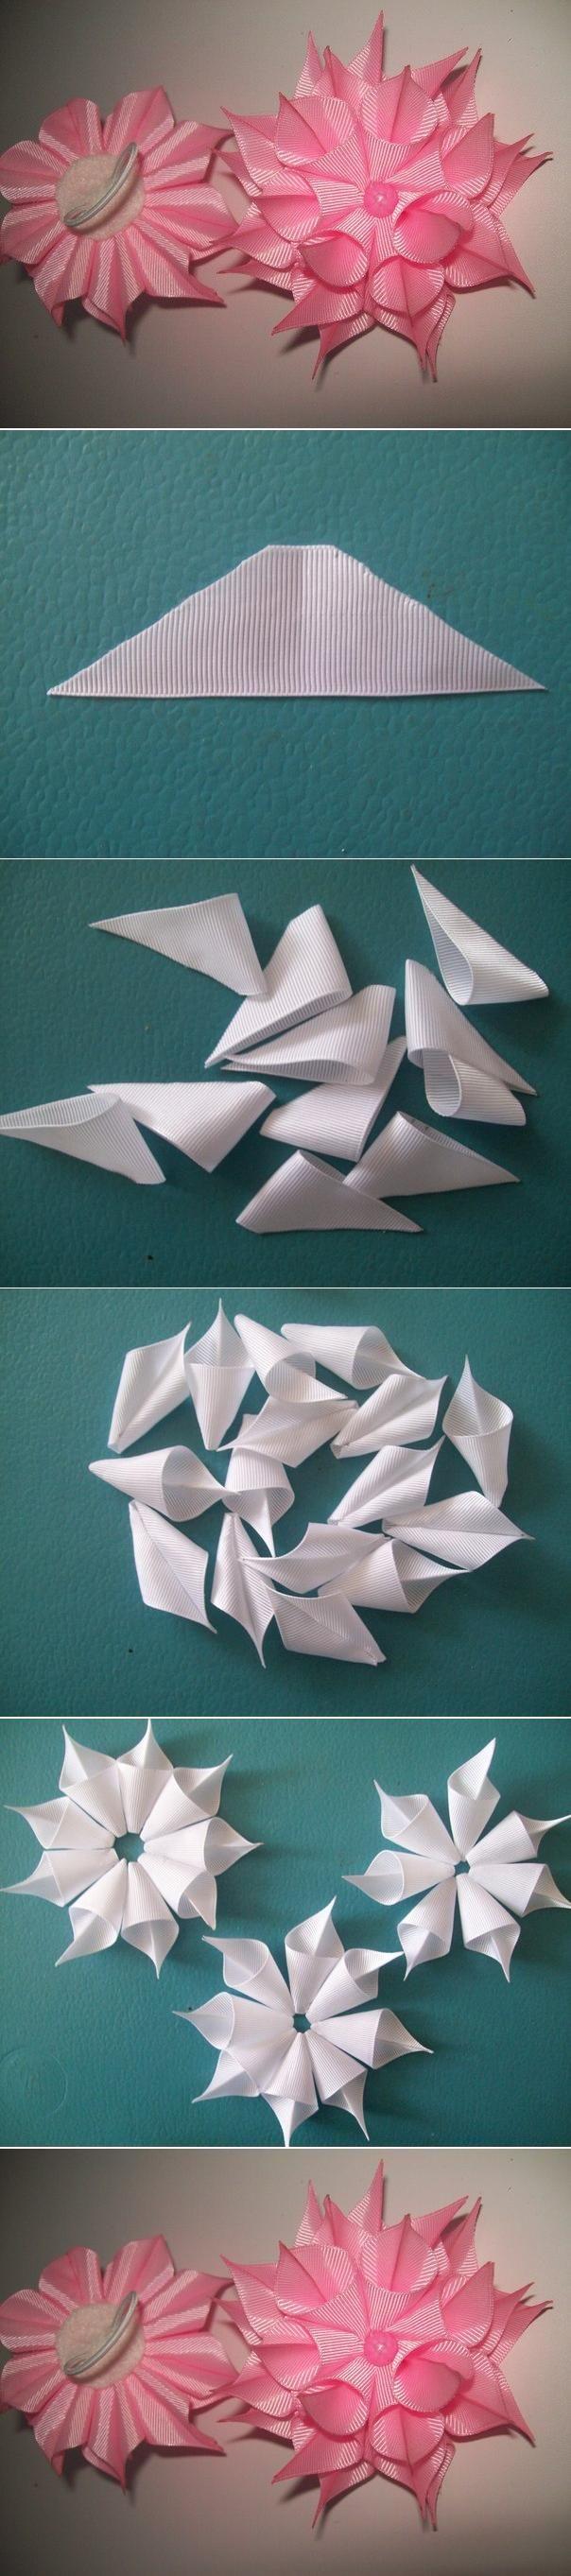 DIY Craft Projects | diy, diy projects, diy craft, handmade, diy ideas - inspiring picture ...